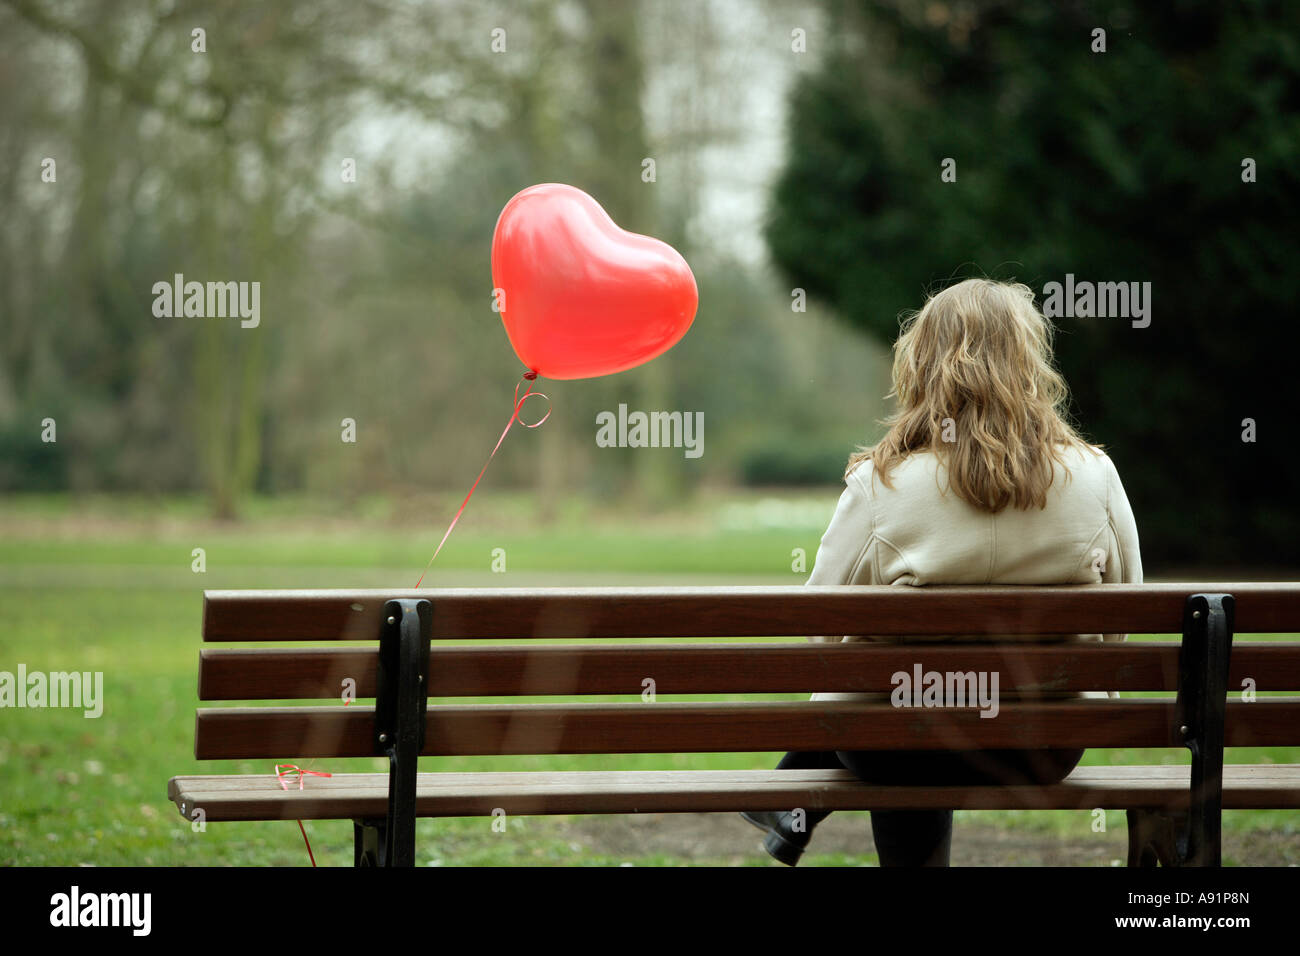 Una joven mujer sentada sola en un banco del parque Imagen De Stock